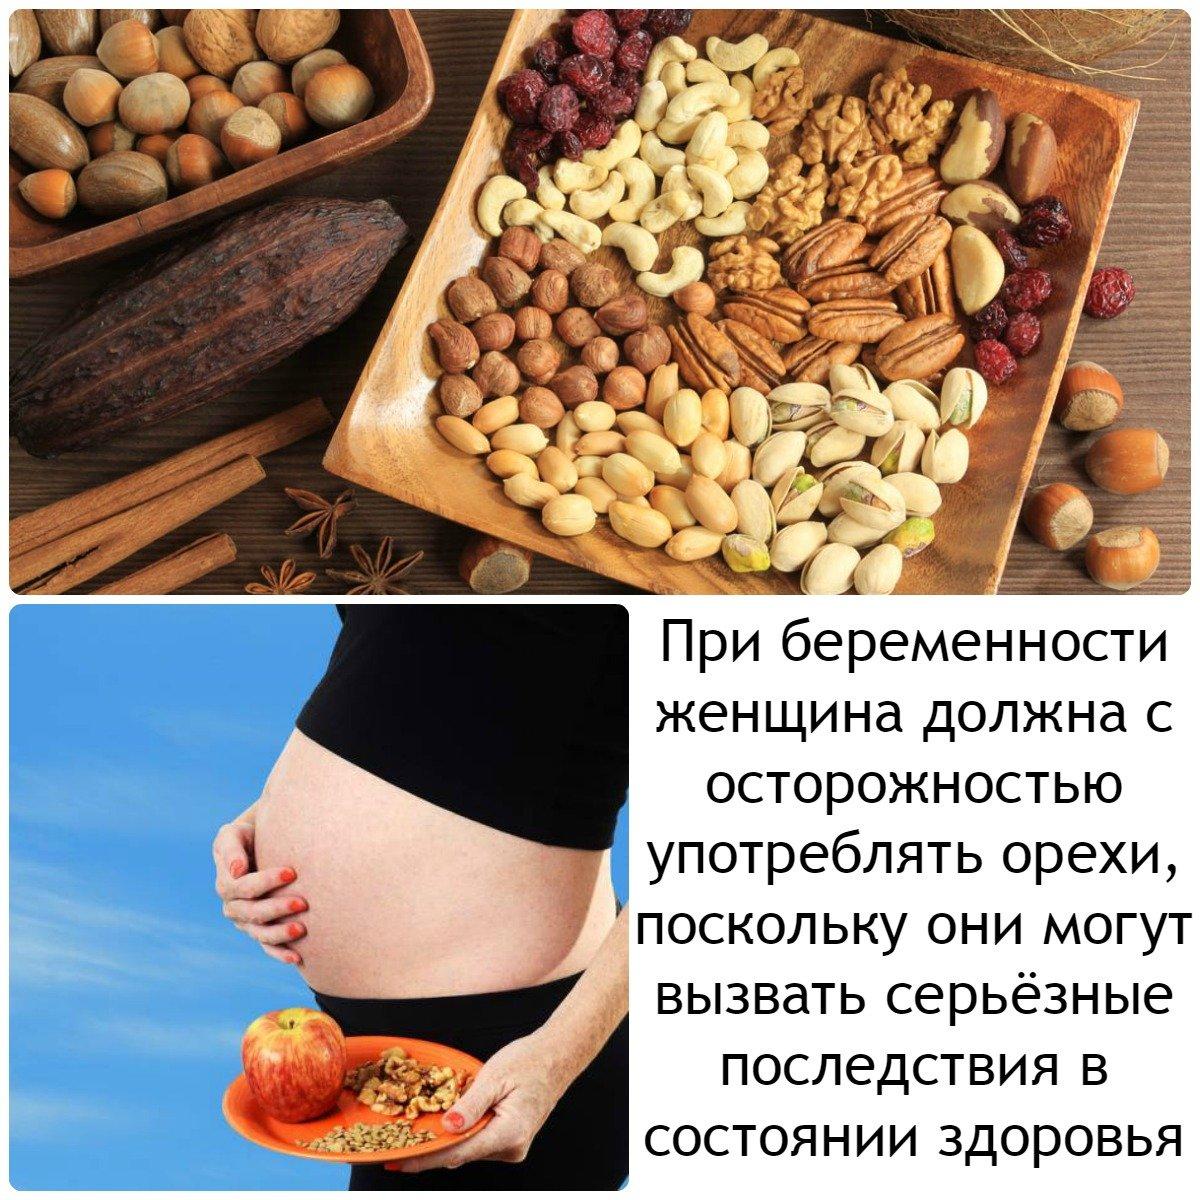 Как проверить беременная или нет с помощью соды 6